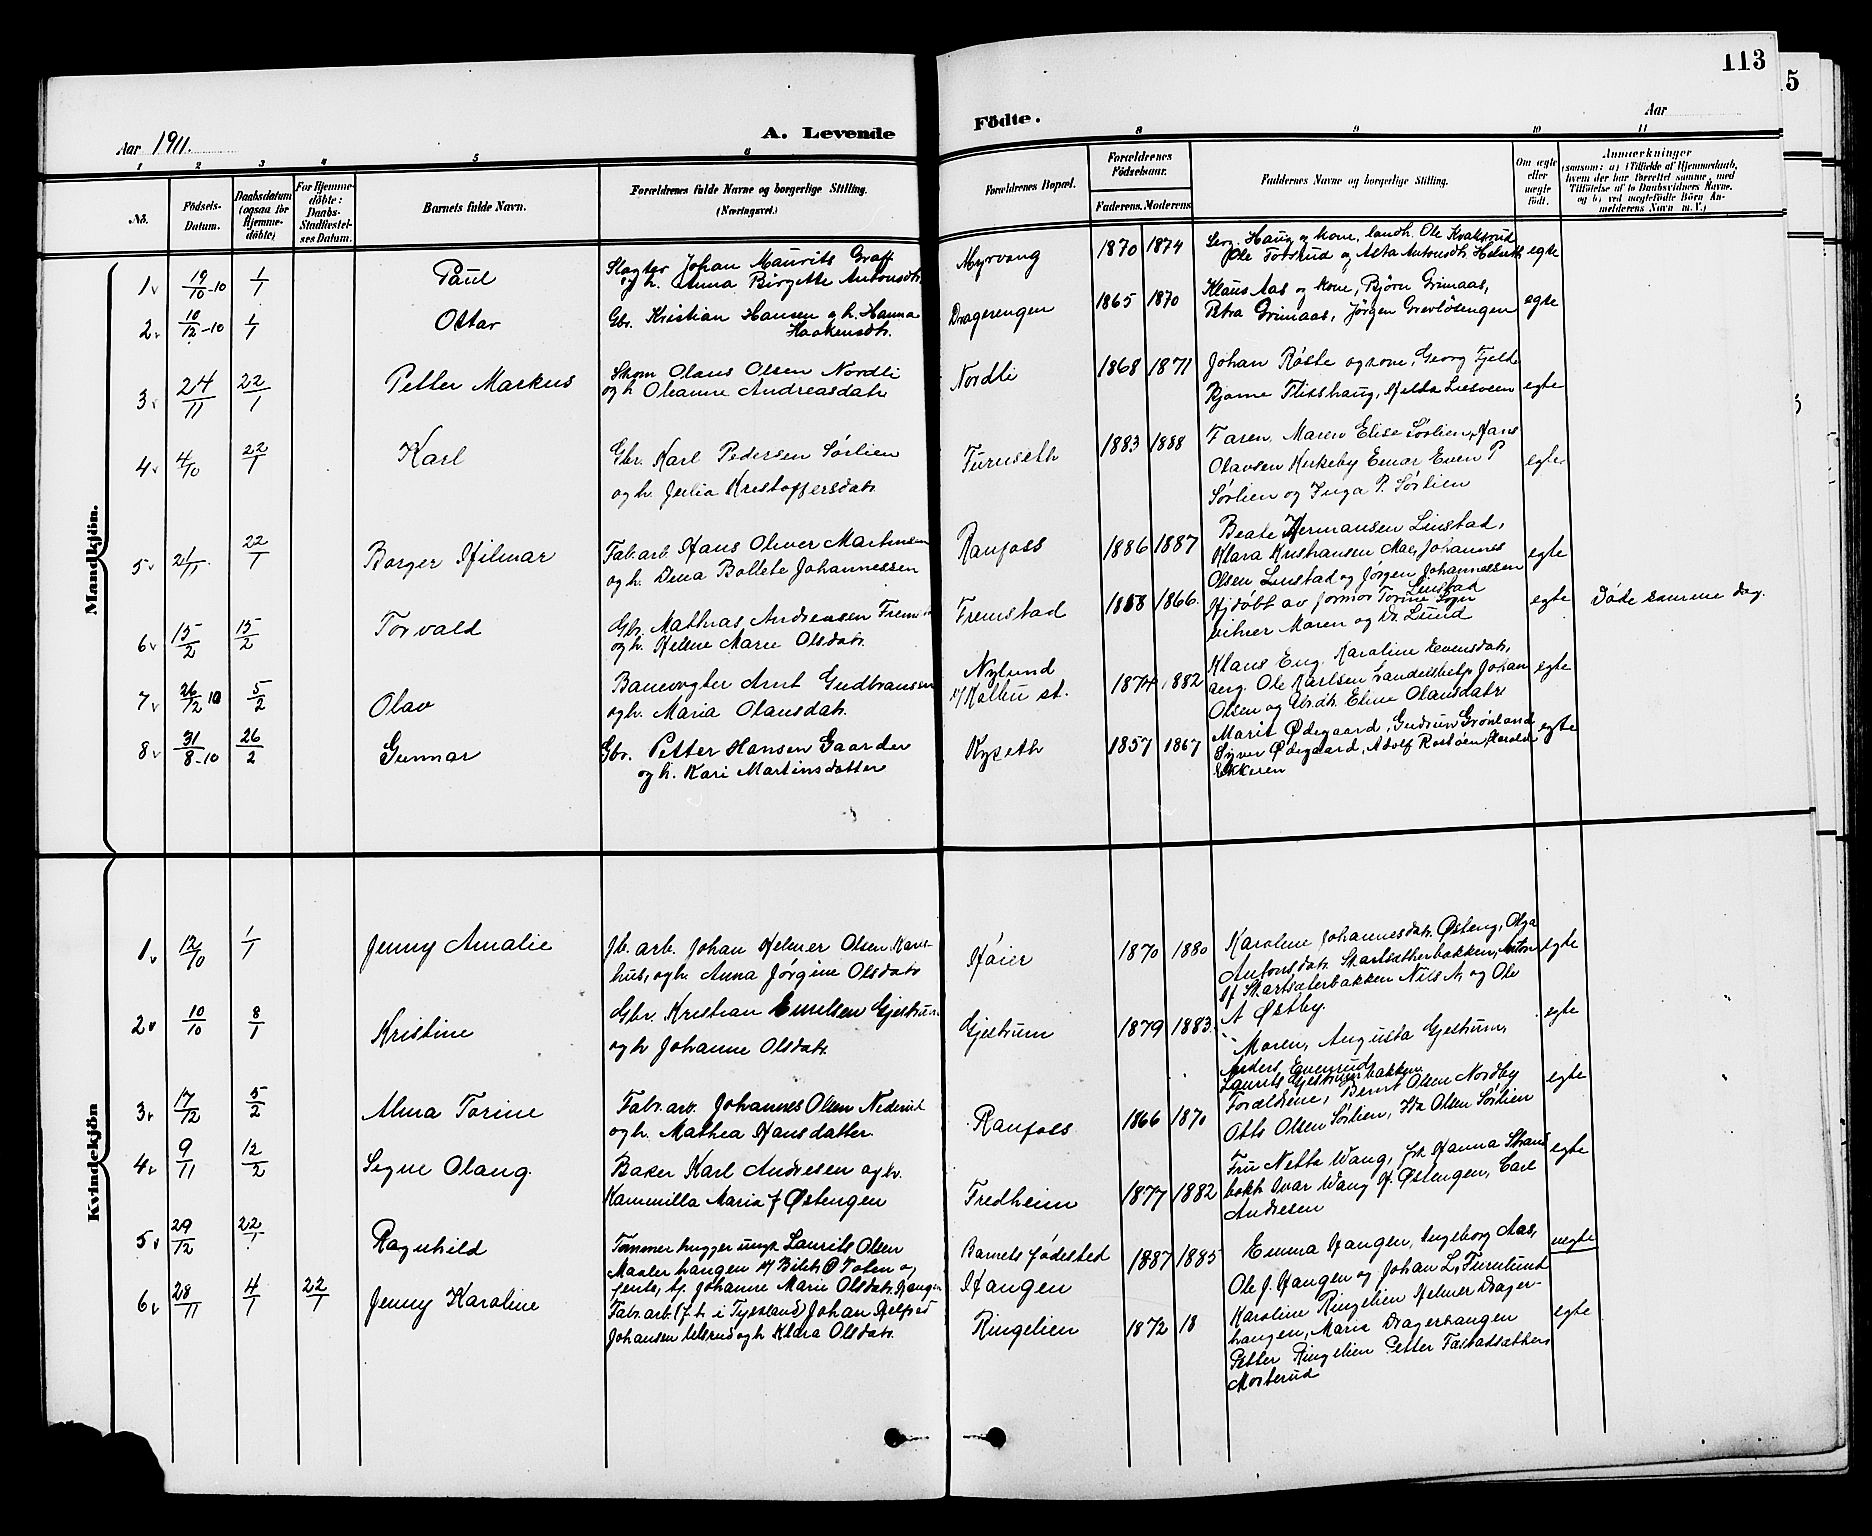 SAH, Vestre Toten prestekontor, Klokkerbok nr. 10, 1900-1912, s. 113